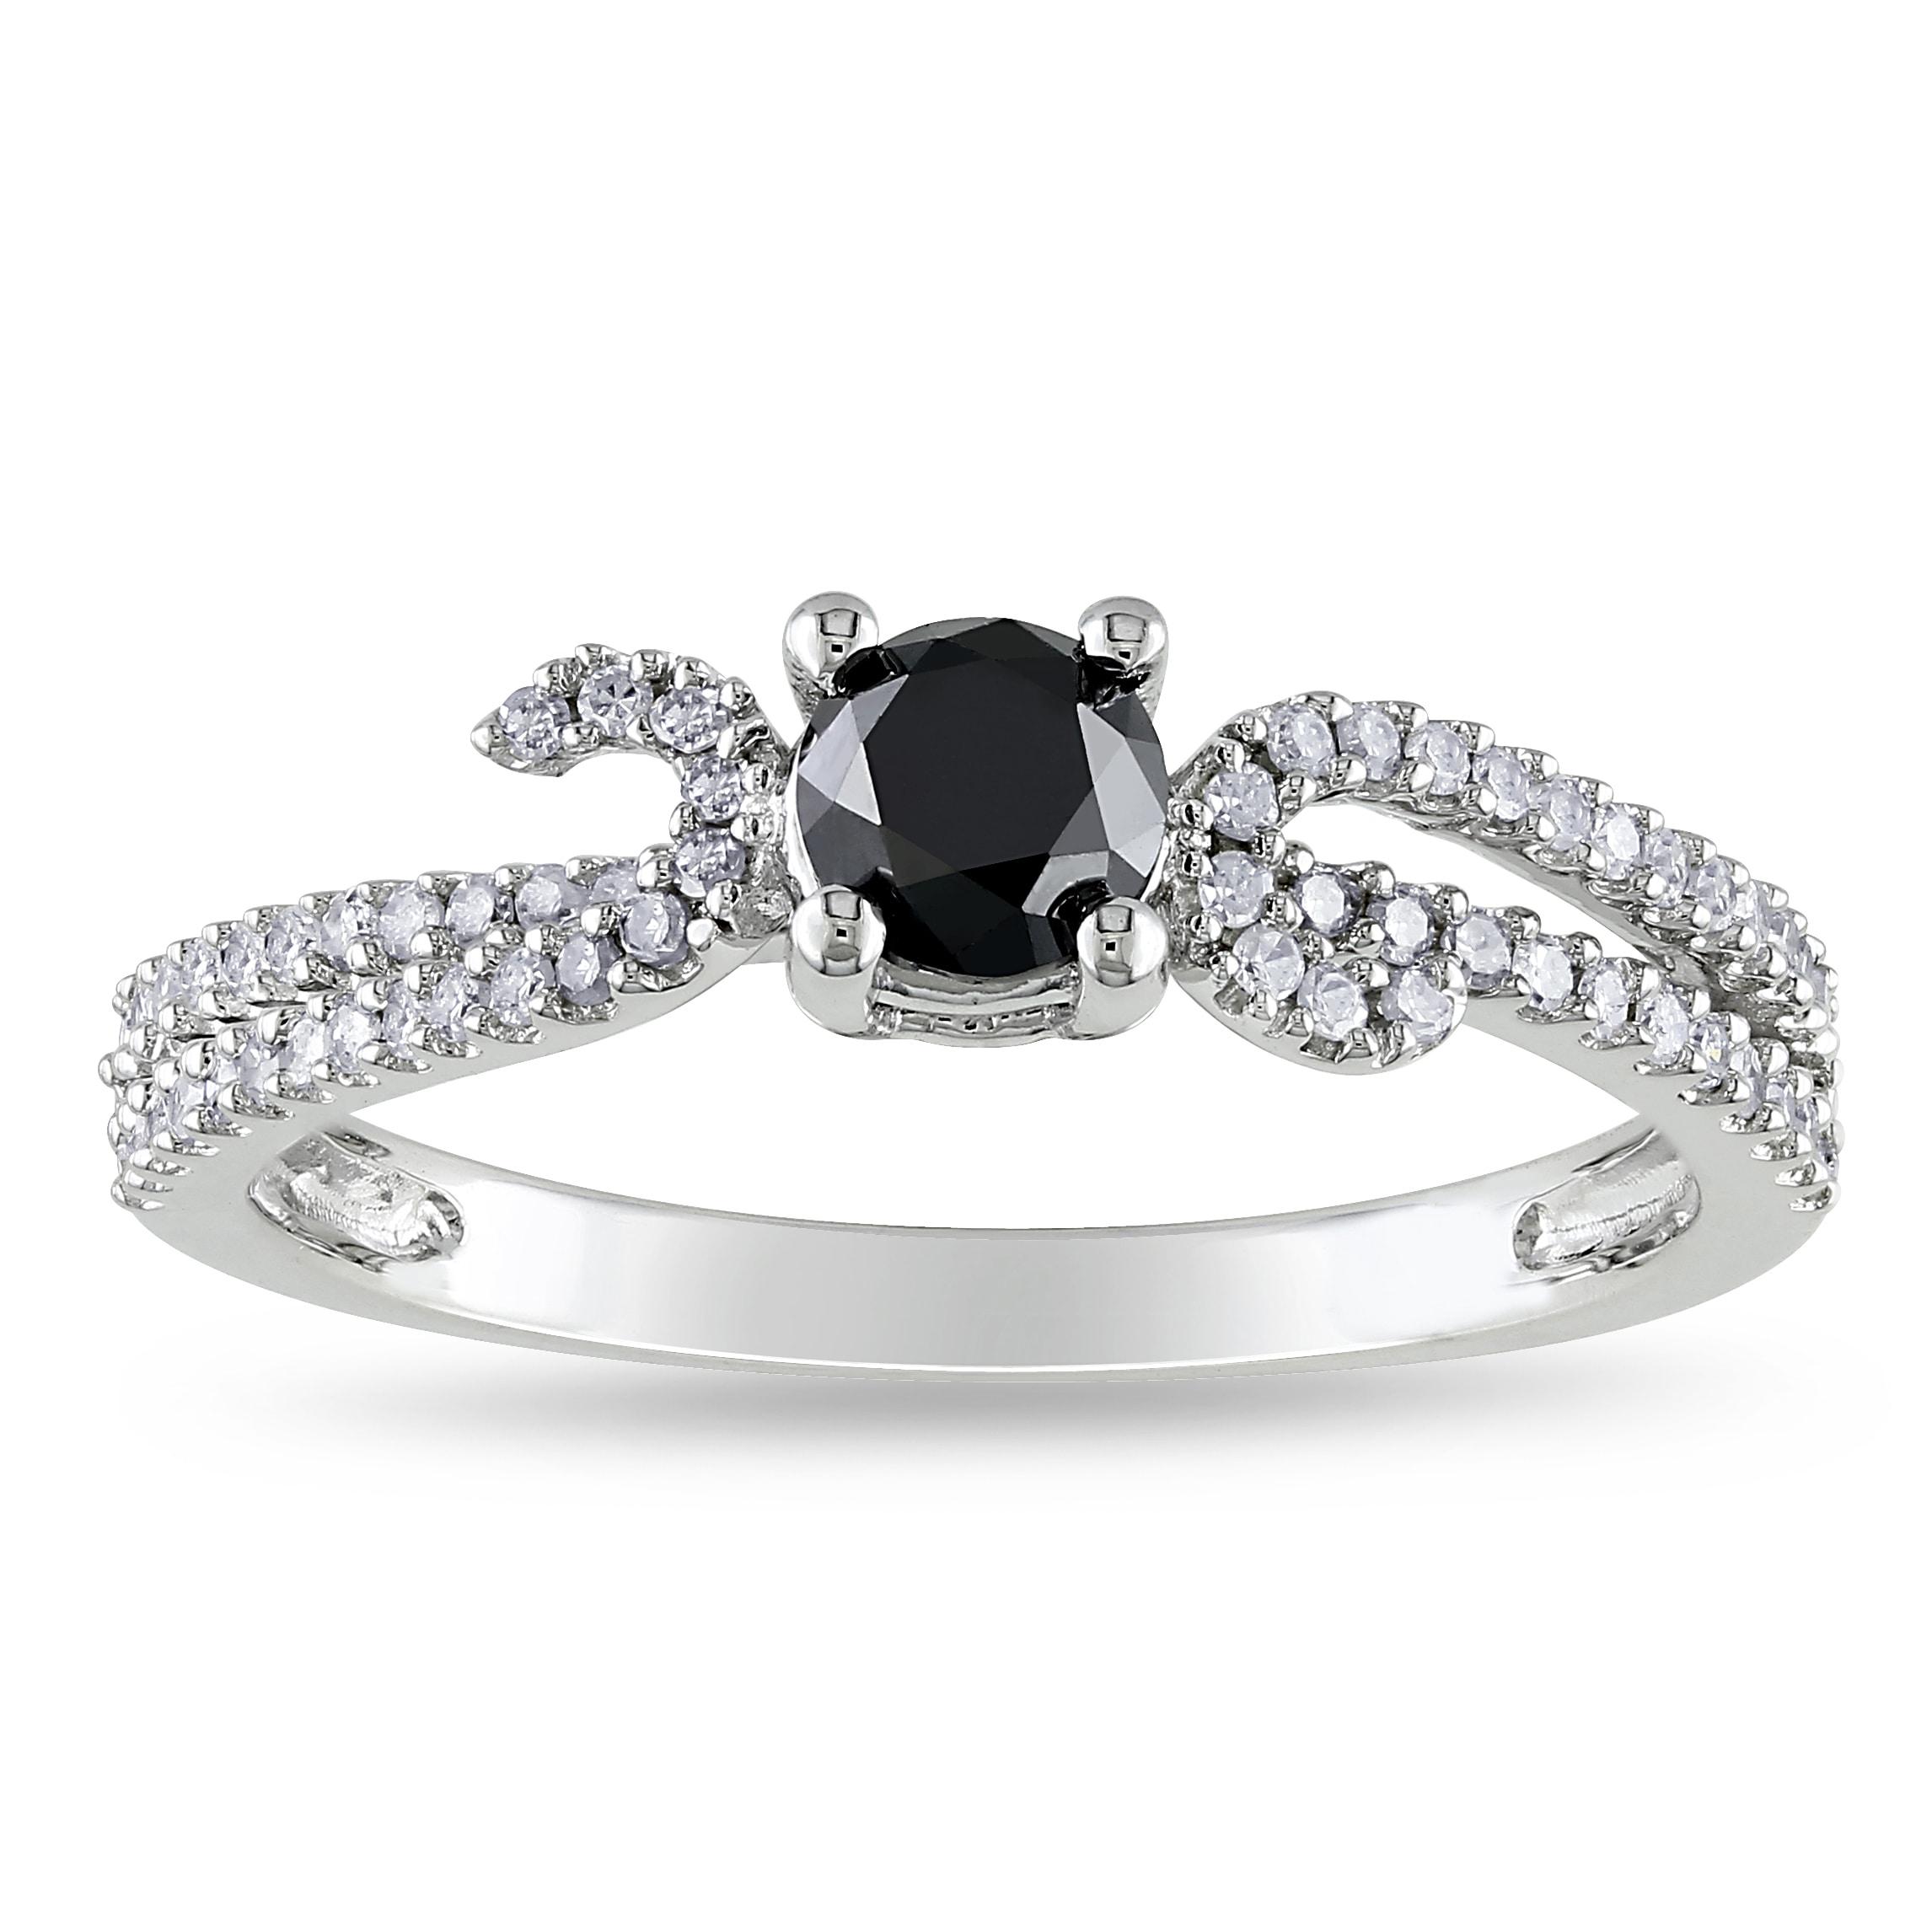 Miadora 14k White Gold 3/4ct TDW Black and White Diamond Ring (H-I, I2-I3)